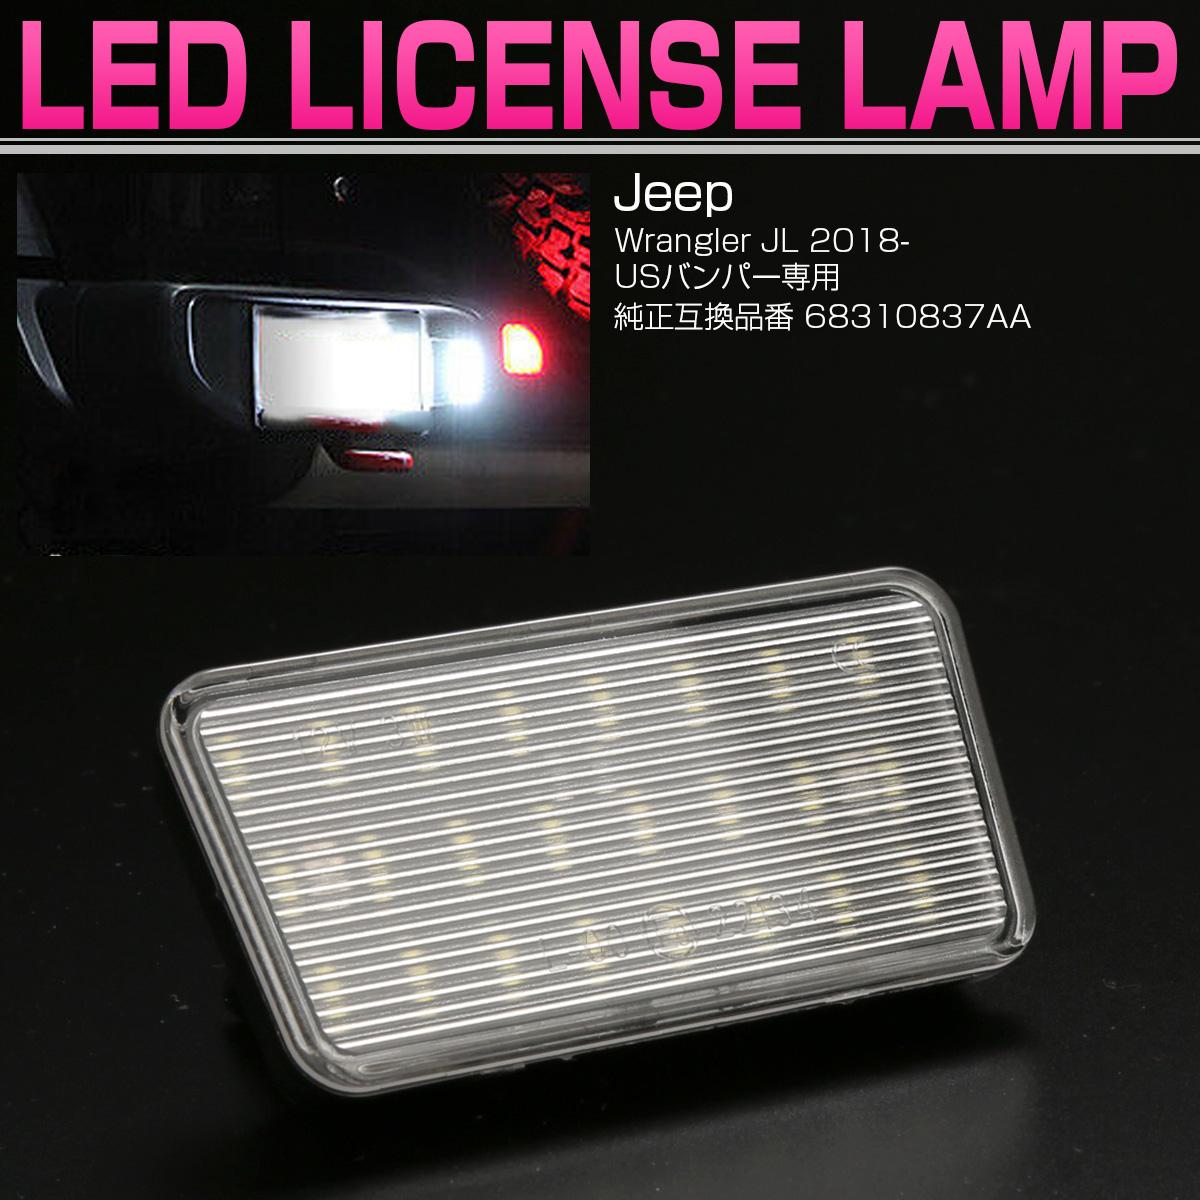 ジープ ラングラー JL LED ライセンスランプ ナンバー灯 USリアバンパー用 Jeep Wrangler 6500K R-396